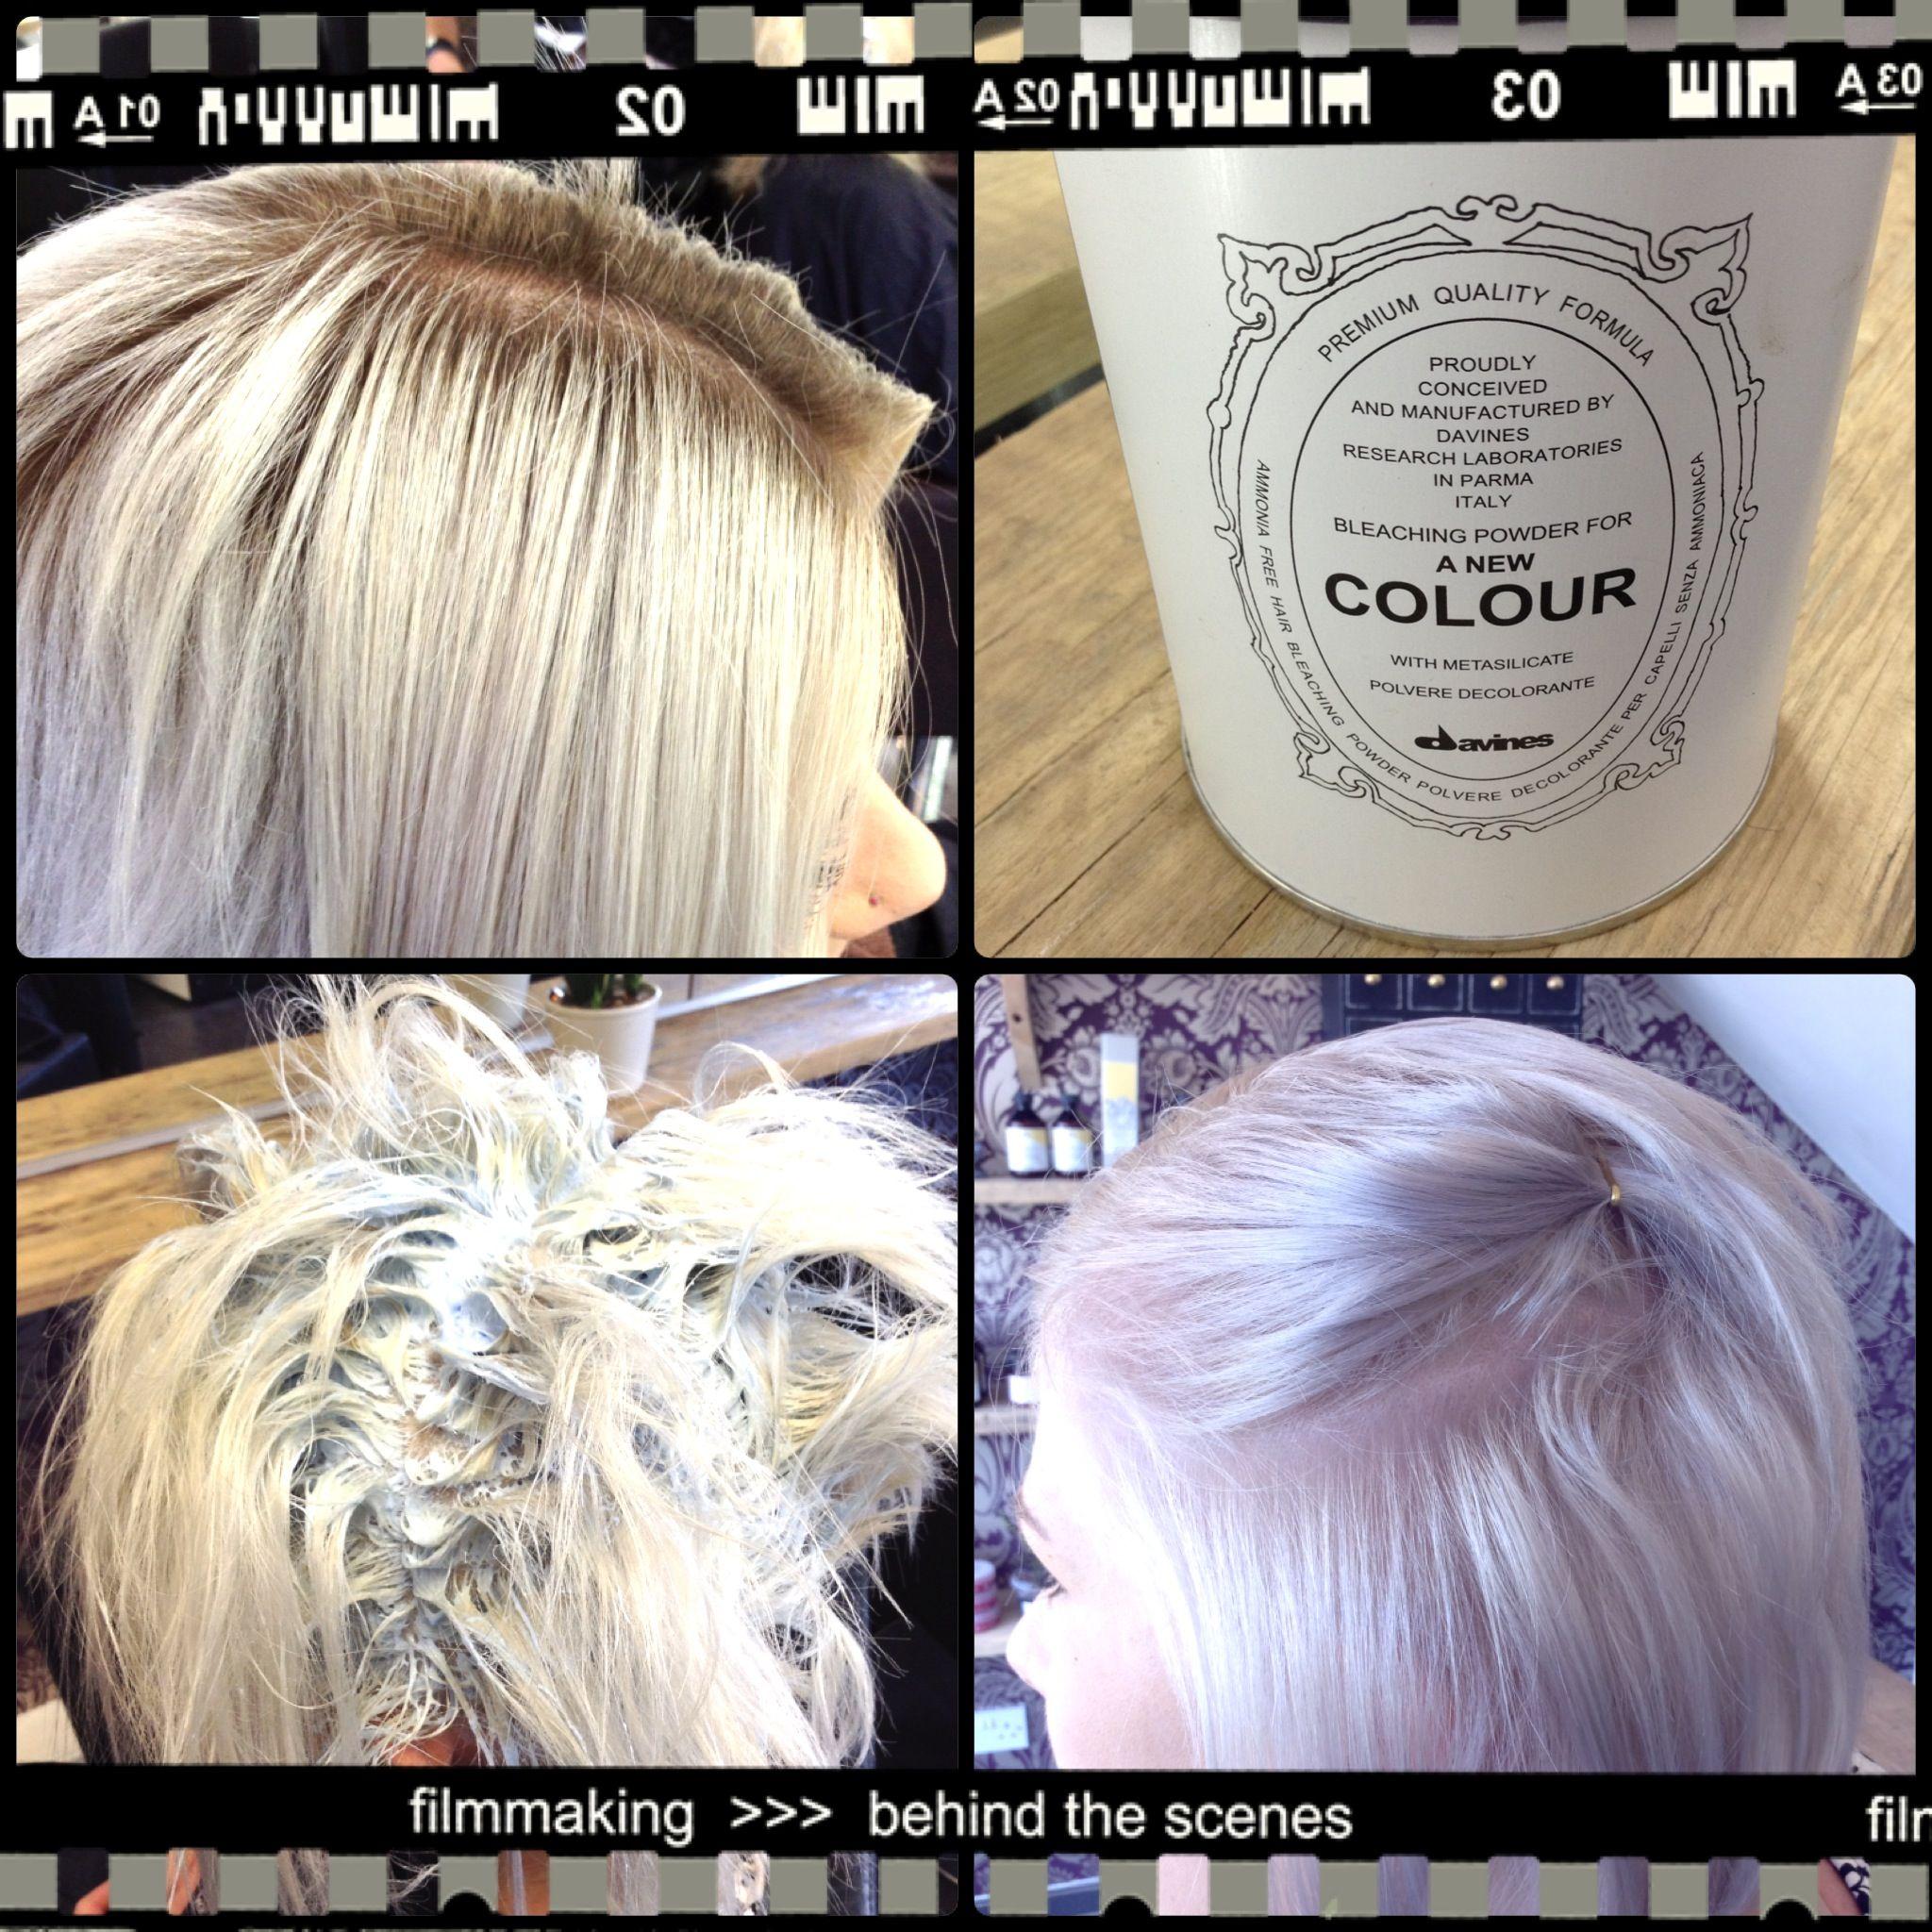 A new colour powder bleach ammonia free bleach from davines a new colour powder bleach ammonia free bleach from davines the results nvjuhfo Image collections